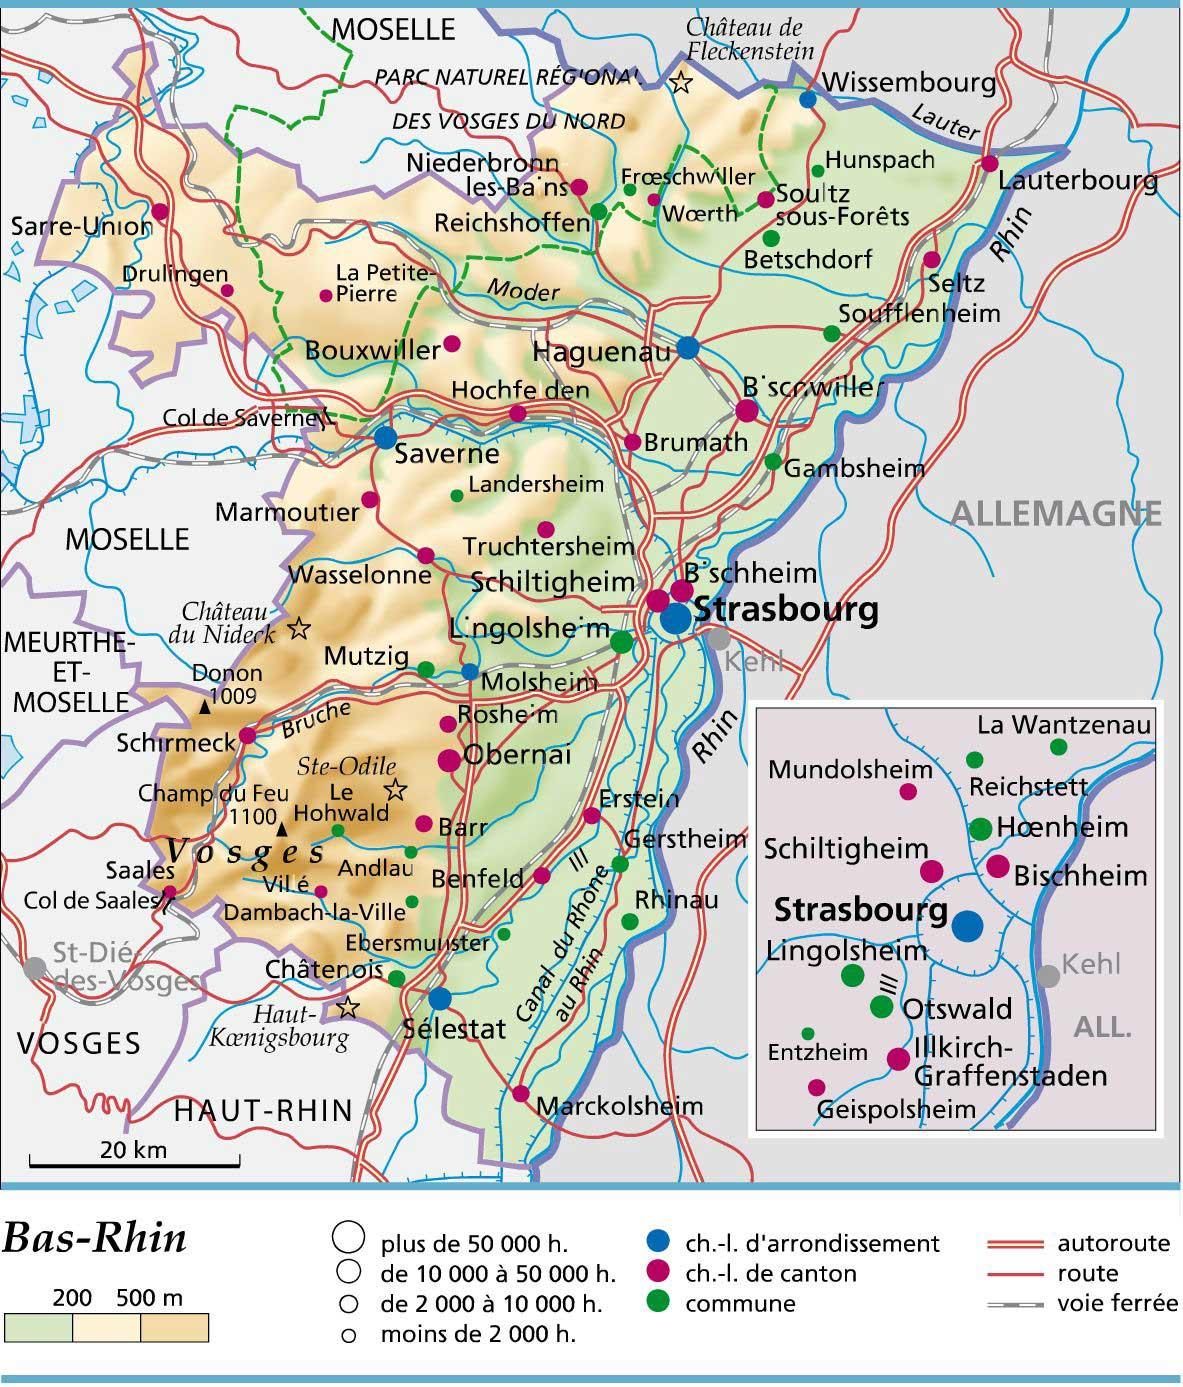 Bas-Rhin – Département 67